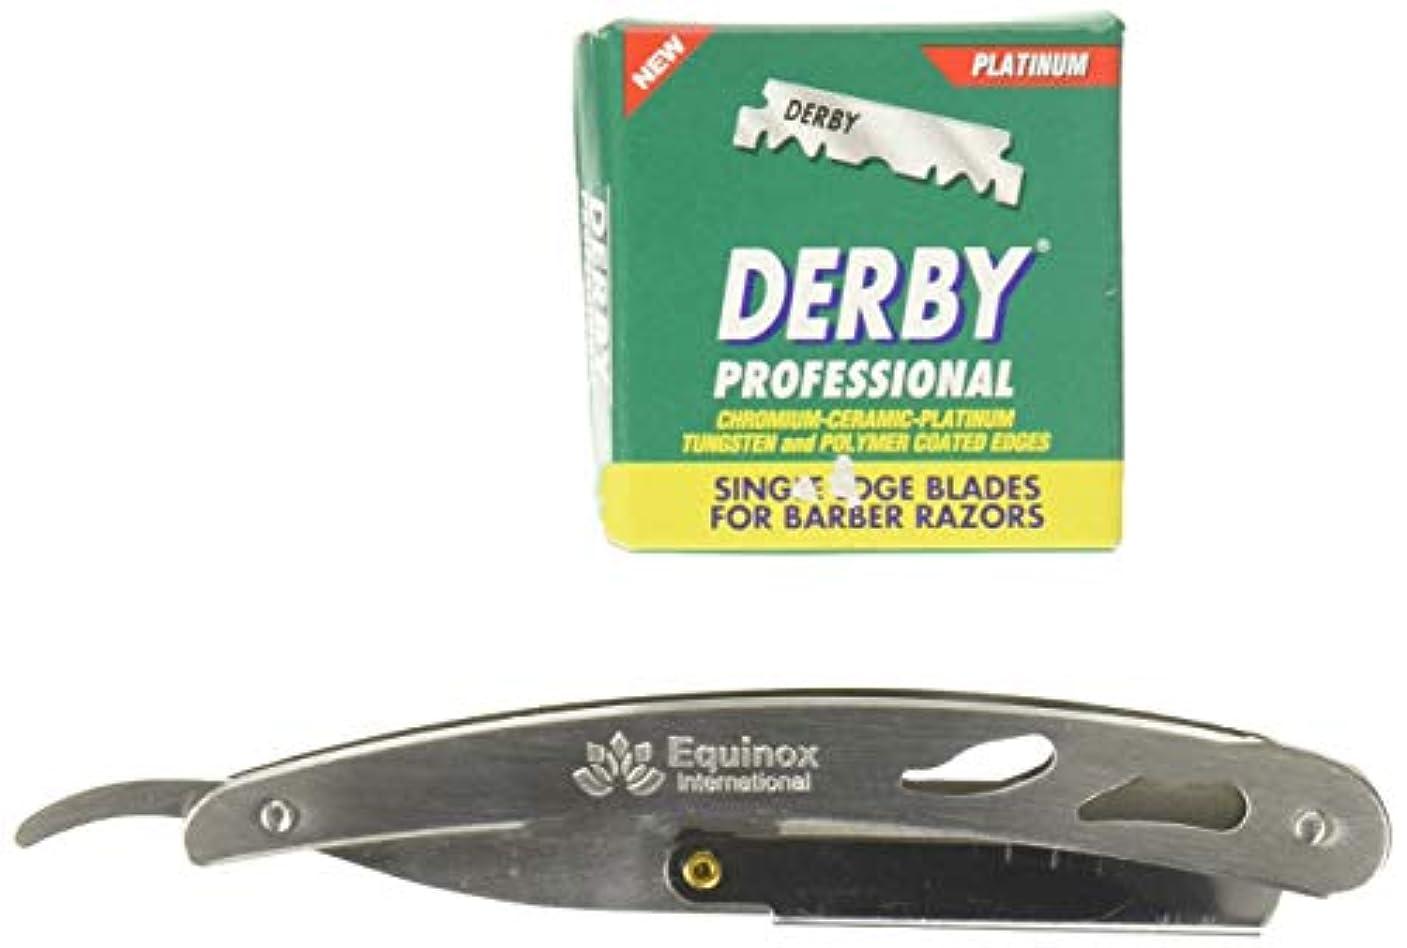 マネージャーそれらサーバEquinox Professional Barber Straight Edge Razor Safety with 100 Derby Blades - Close Shaving Men's Manual Shaver...